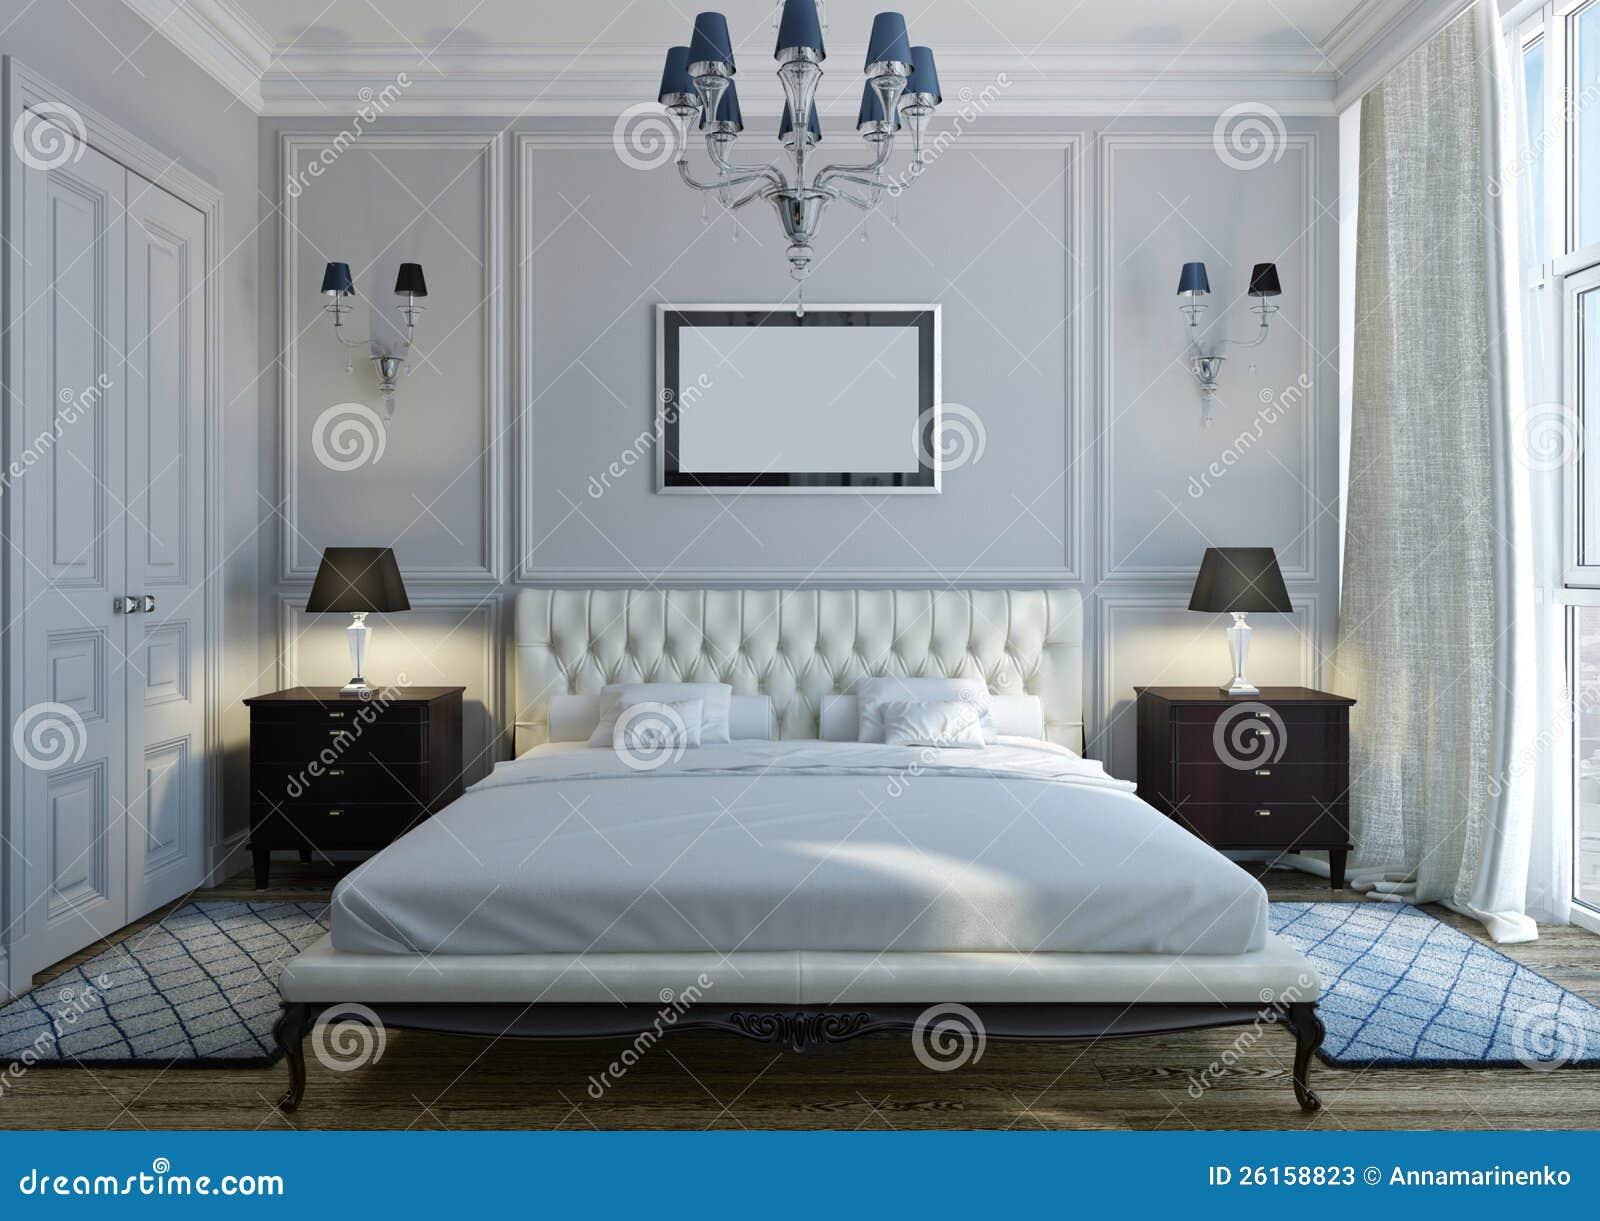 Chambre coucher classique photos stock image 26158823 Chambre a coucher classique chic